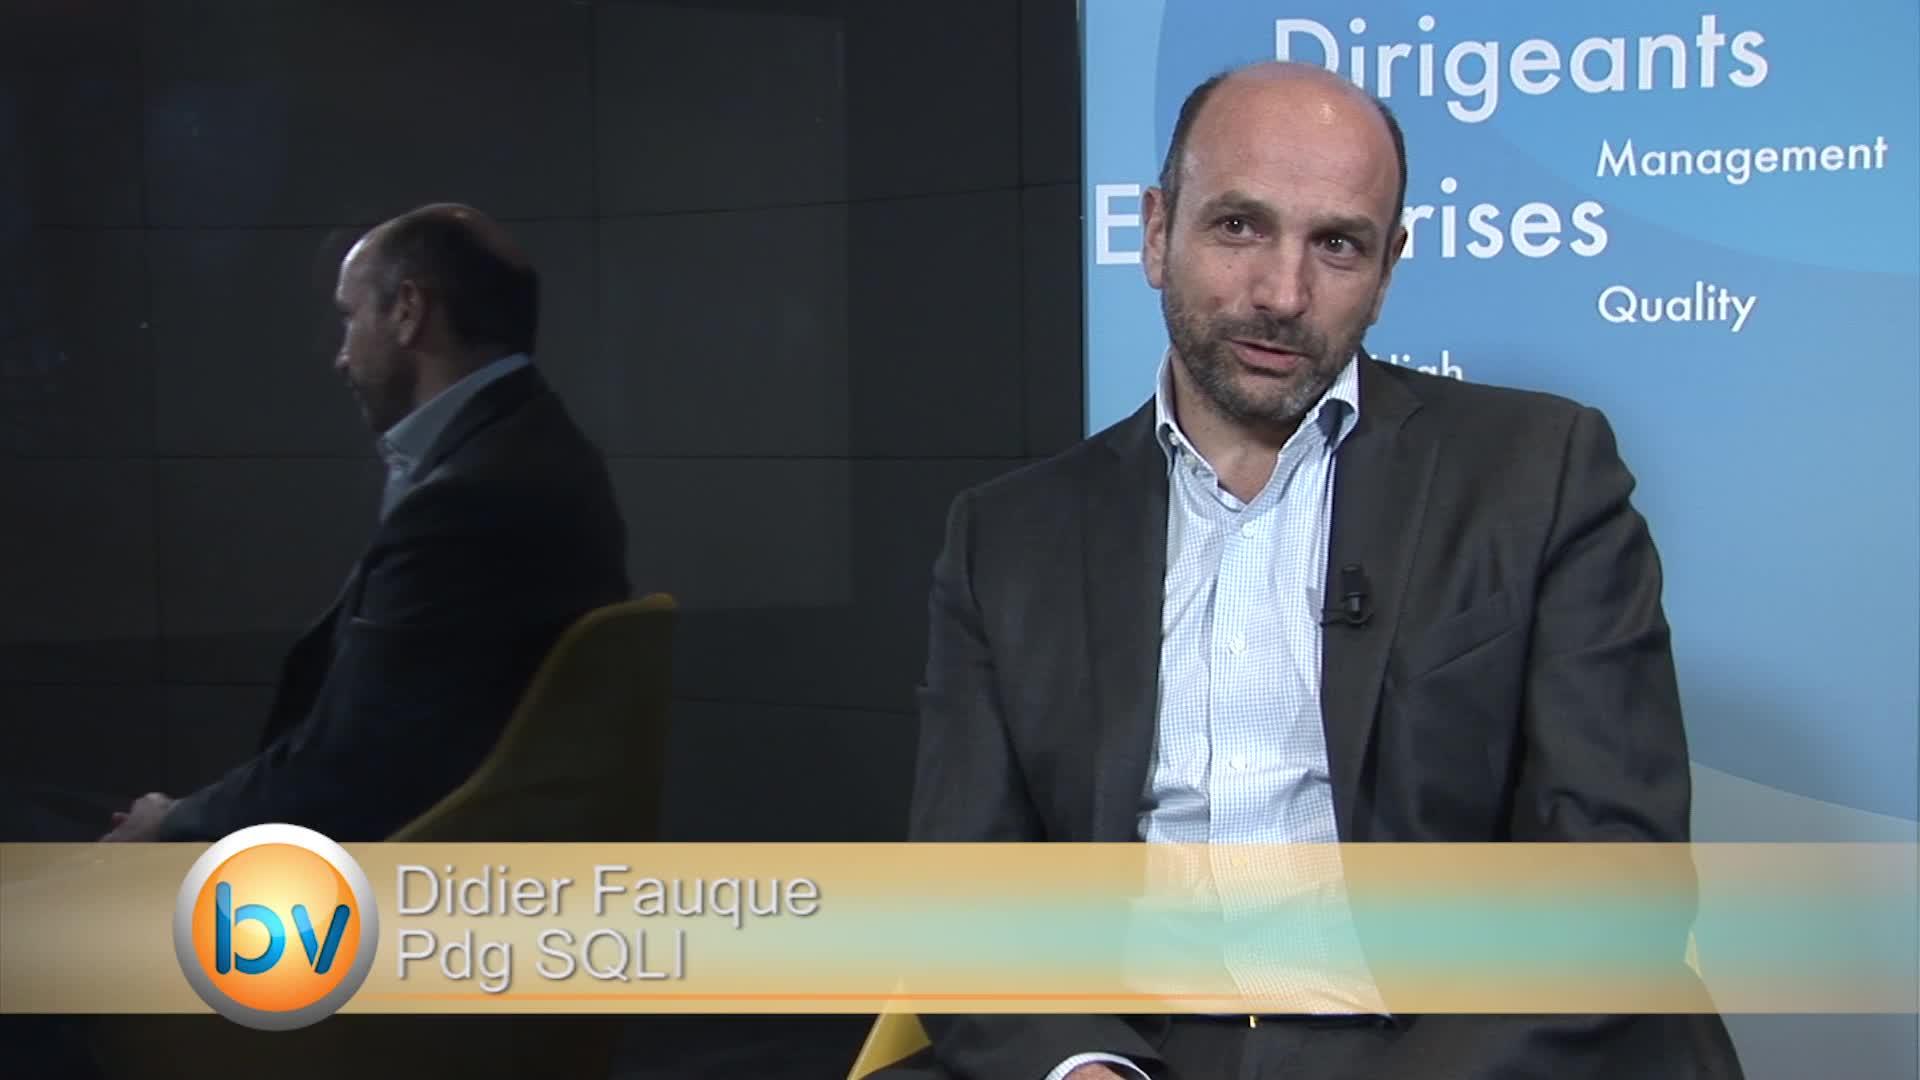 """Didier Fauque Pdg SQLI : """"Être à l'écoute du marché et des technologies et pouvoir les intégrer pour nos clients"""""""